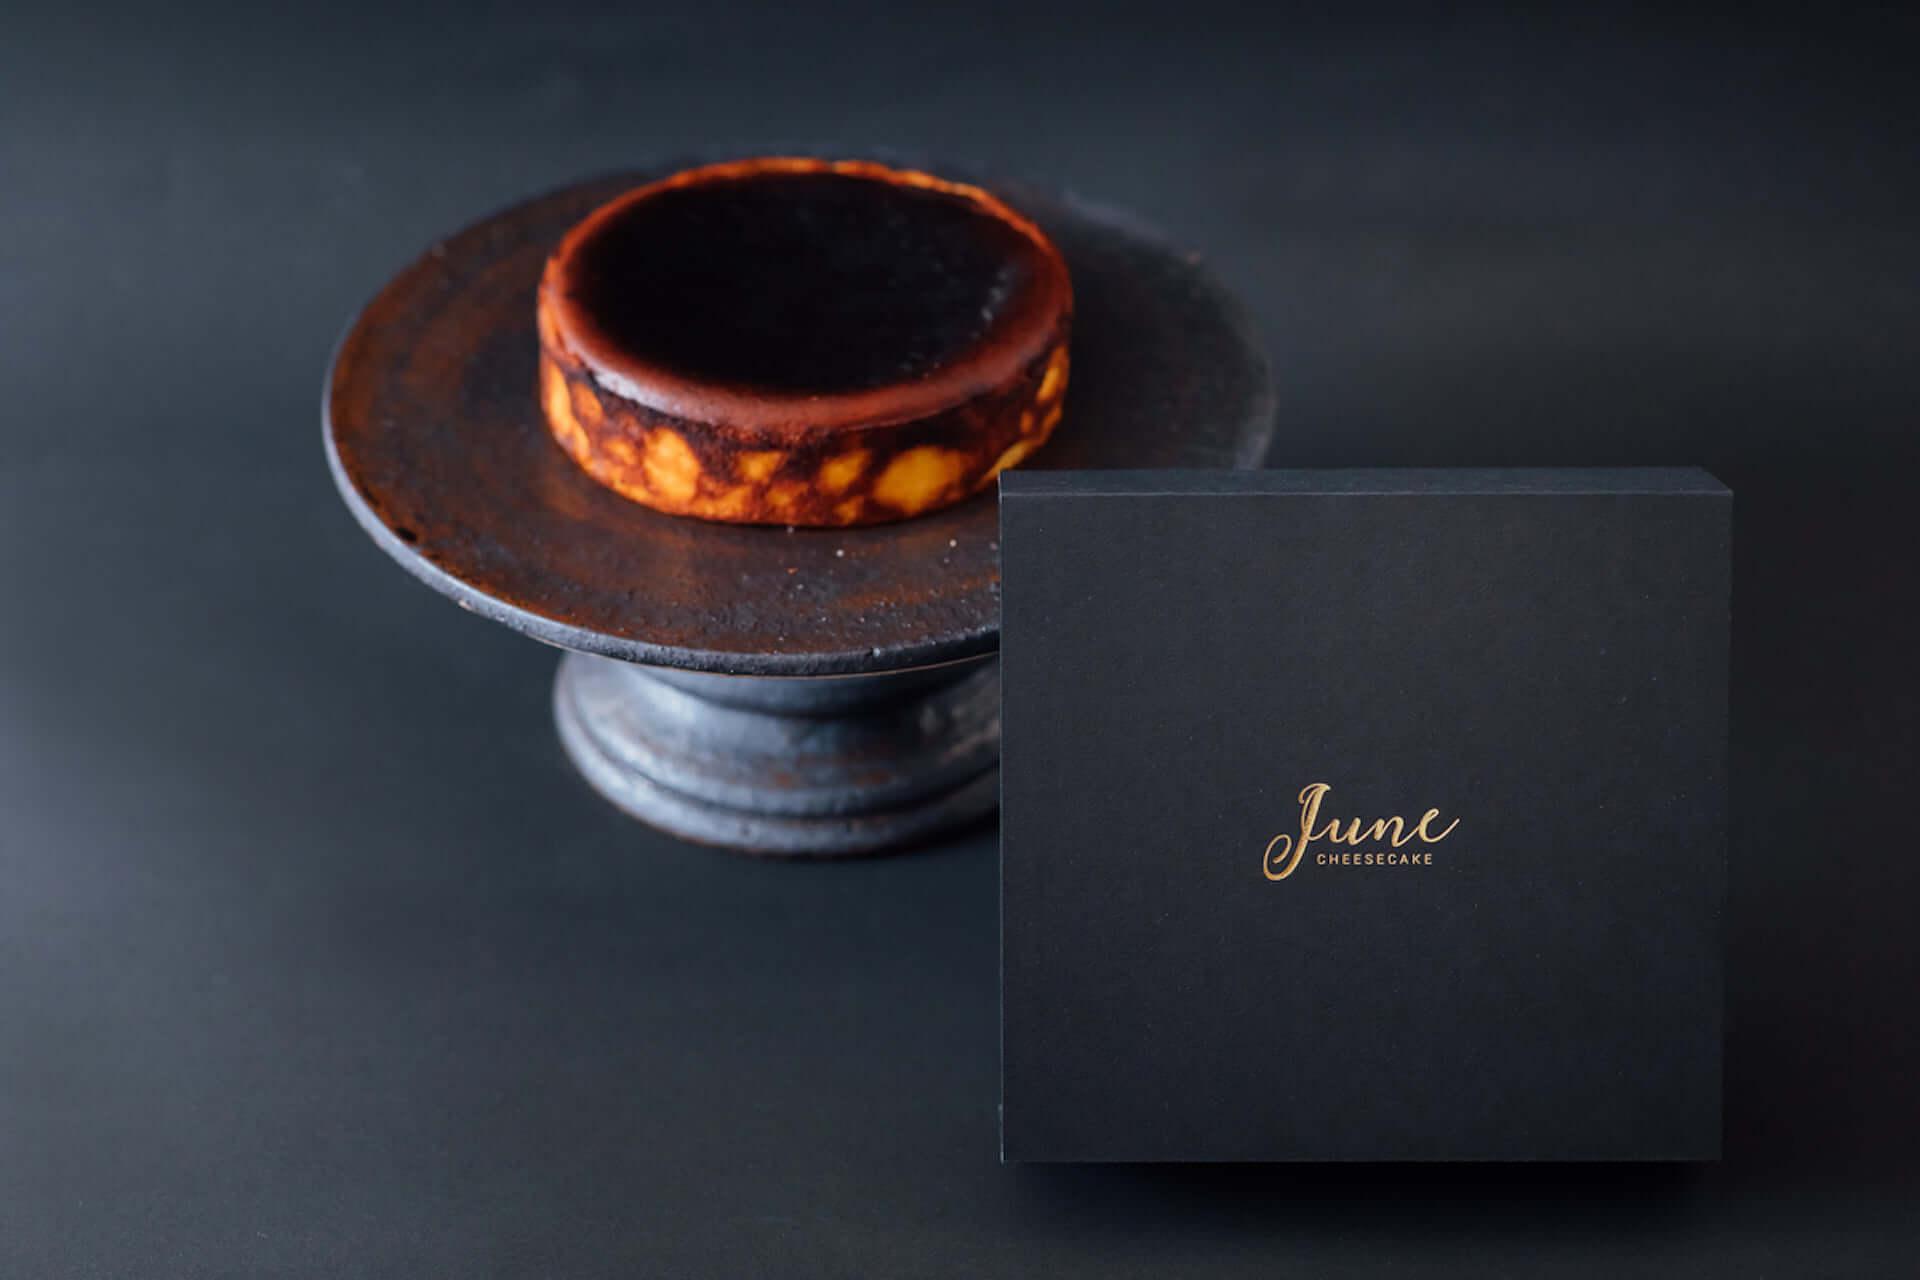 プレゼントにもおすすめ!グルテンフリーの絶品バスクチーズケーキが大阪発「June CHEESECAKE」より数量限定でオンライン販売開始 gourmet200715_june-cake_1-1920x1280